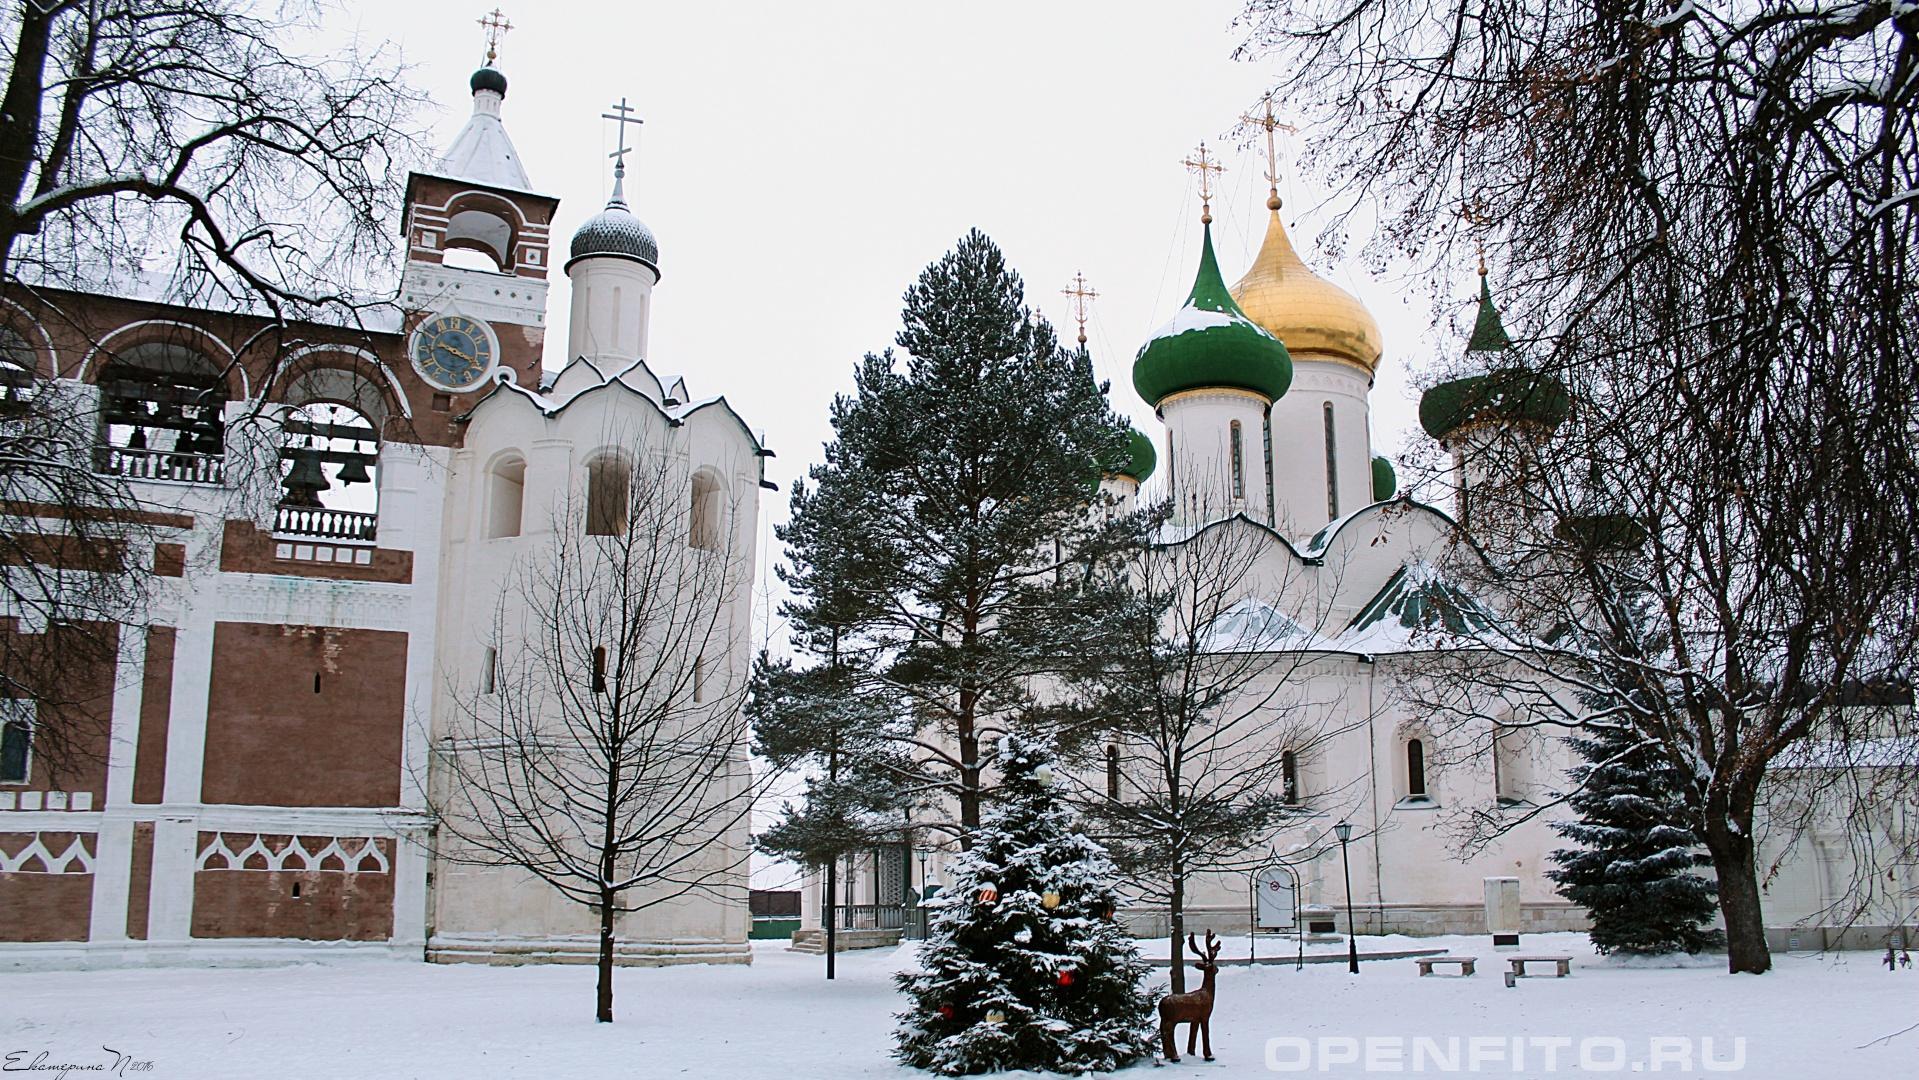 Спасо-Евфимиев монастырь город Суздаль, Владимирская область